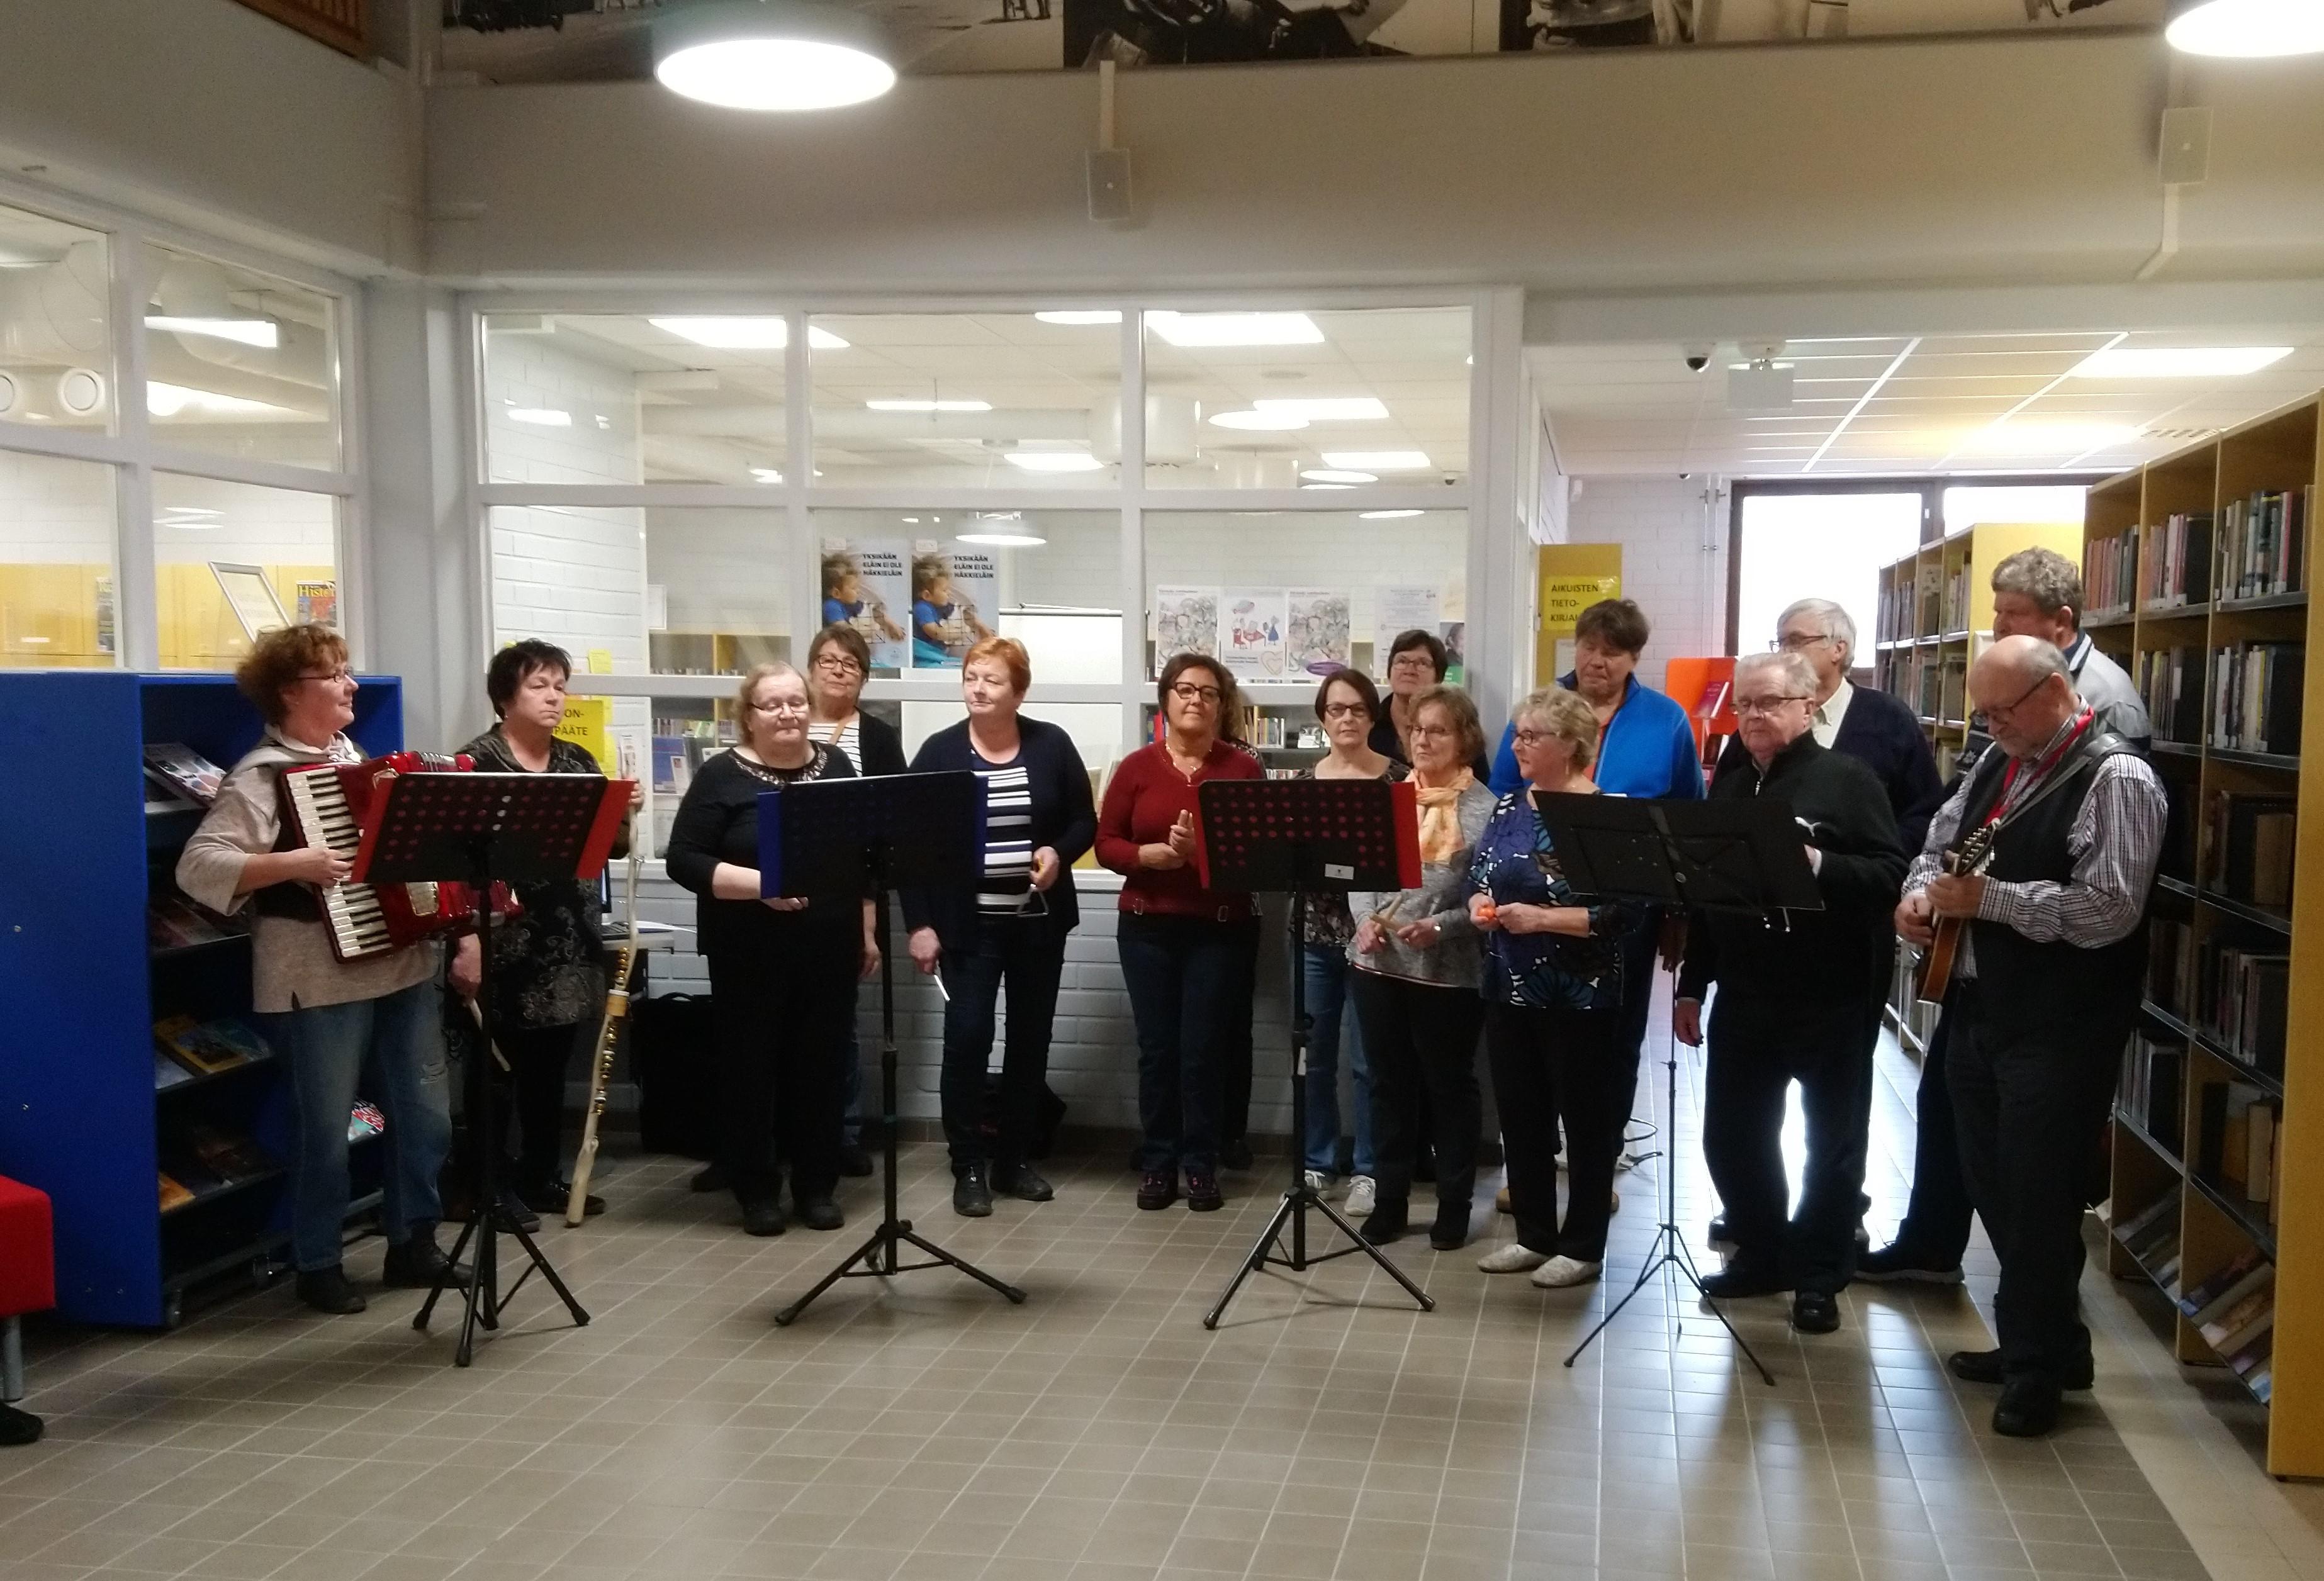 Nilsiän laulupiiri Svengi Jengi esiintyy Nilsiän kirjastossa, vanhusten viikolla 15 hengen voimin.